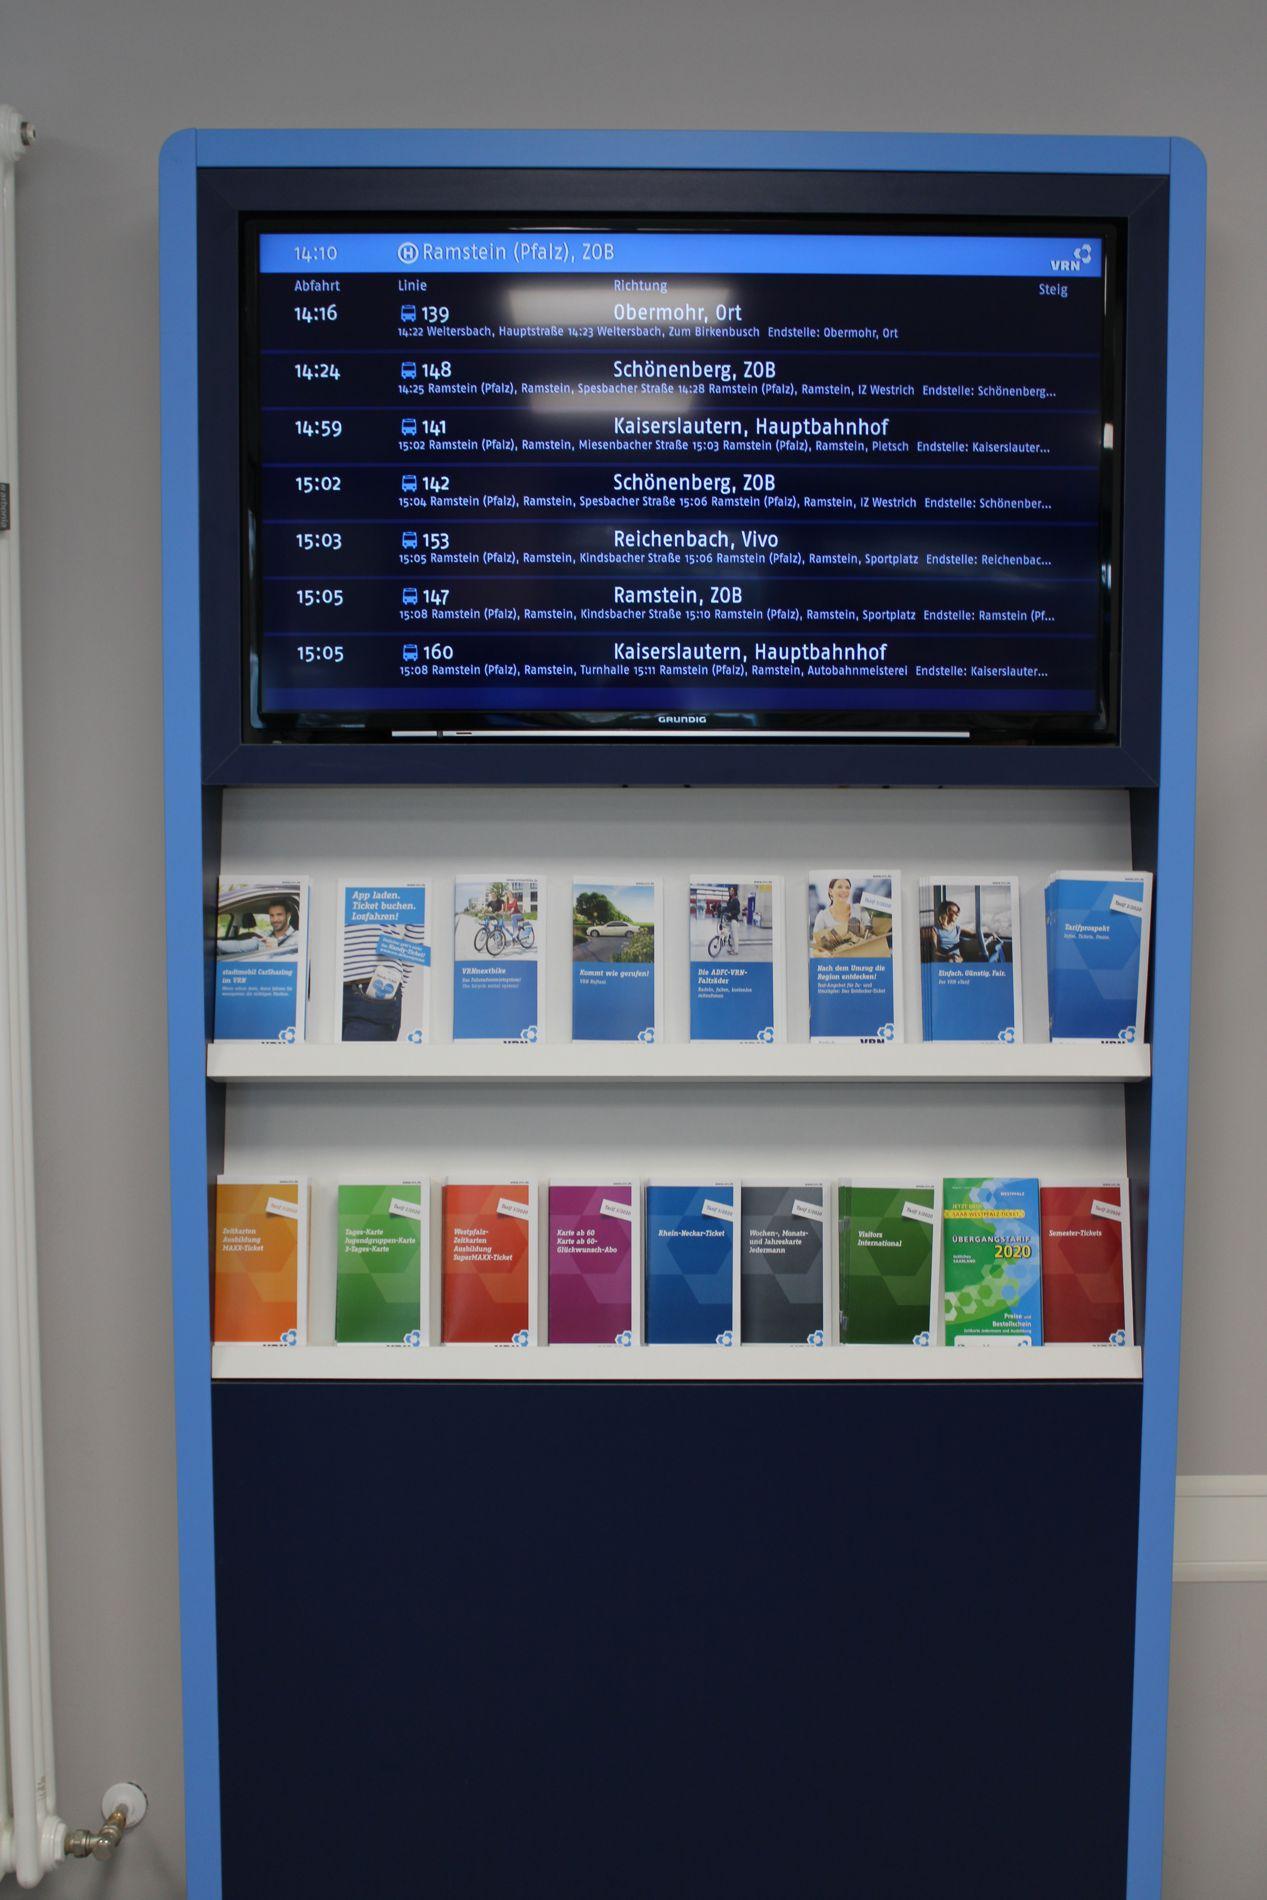 Monitor mit Abfahrtszeiten der Busse in Ramstein und darunter verschiedene Flyer vom VRN in der Mobilitätszentrale in Ramstein